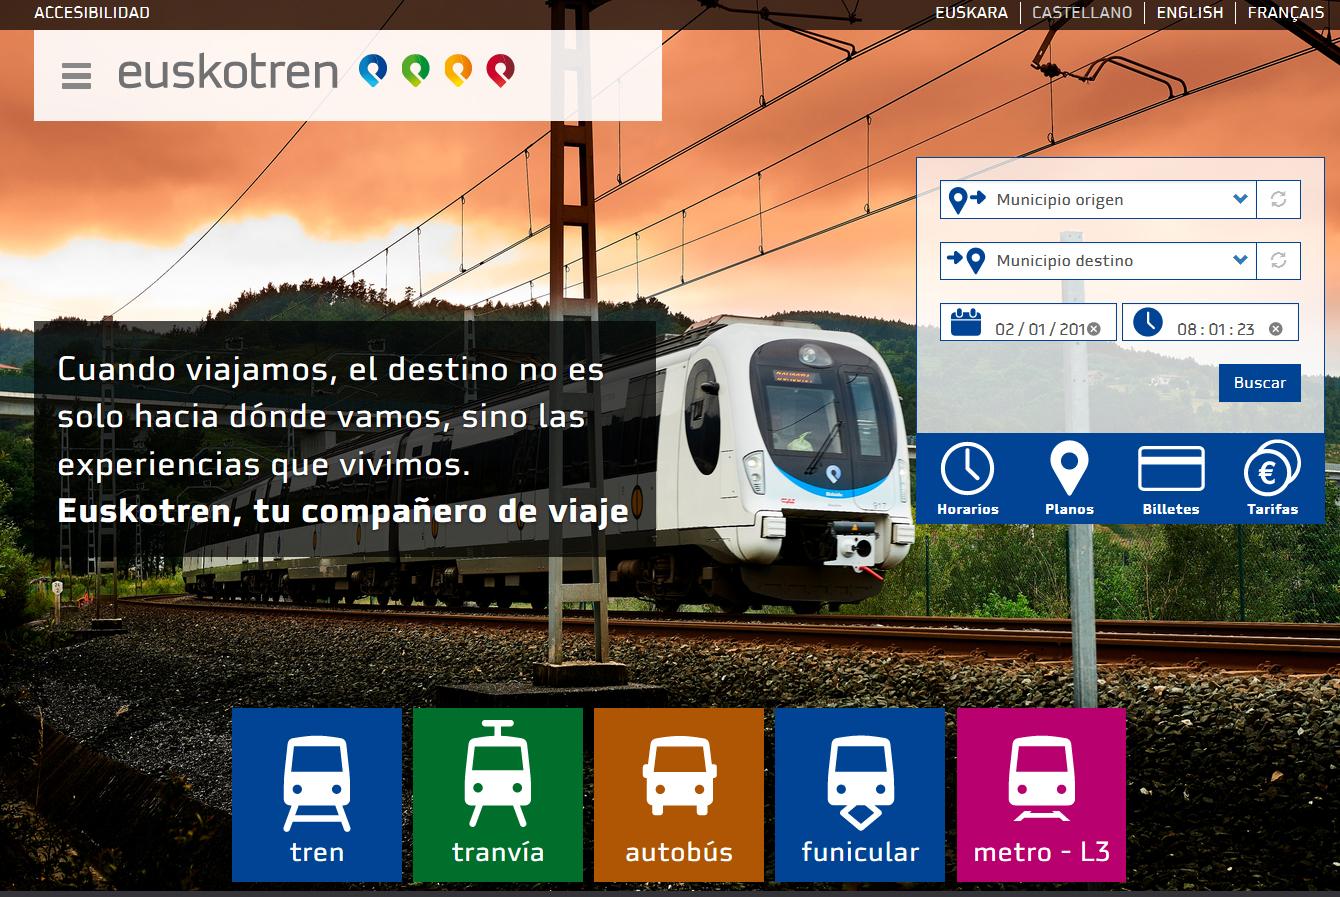 euskotren_web.jpg